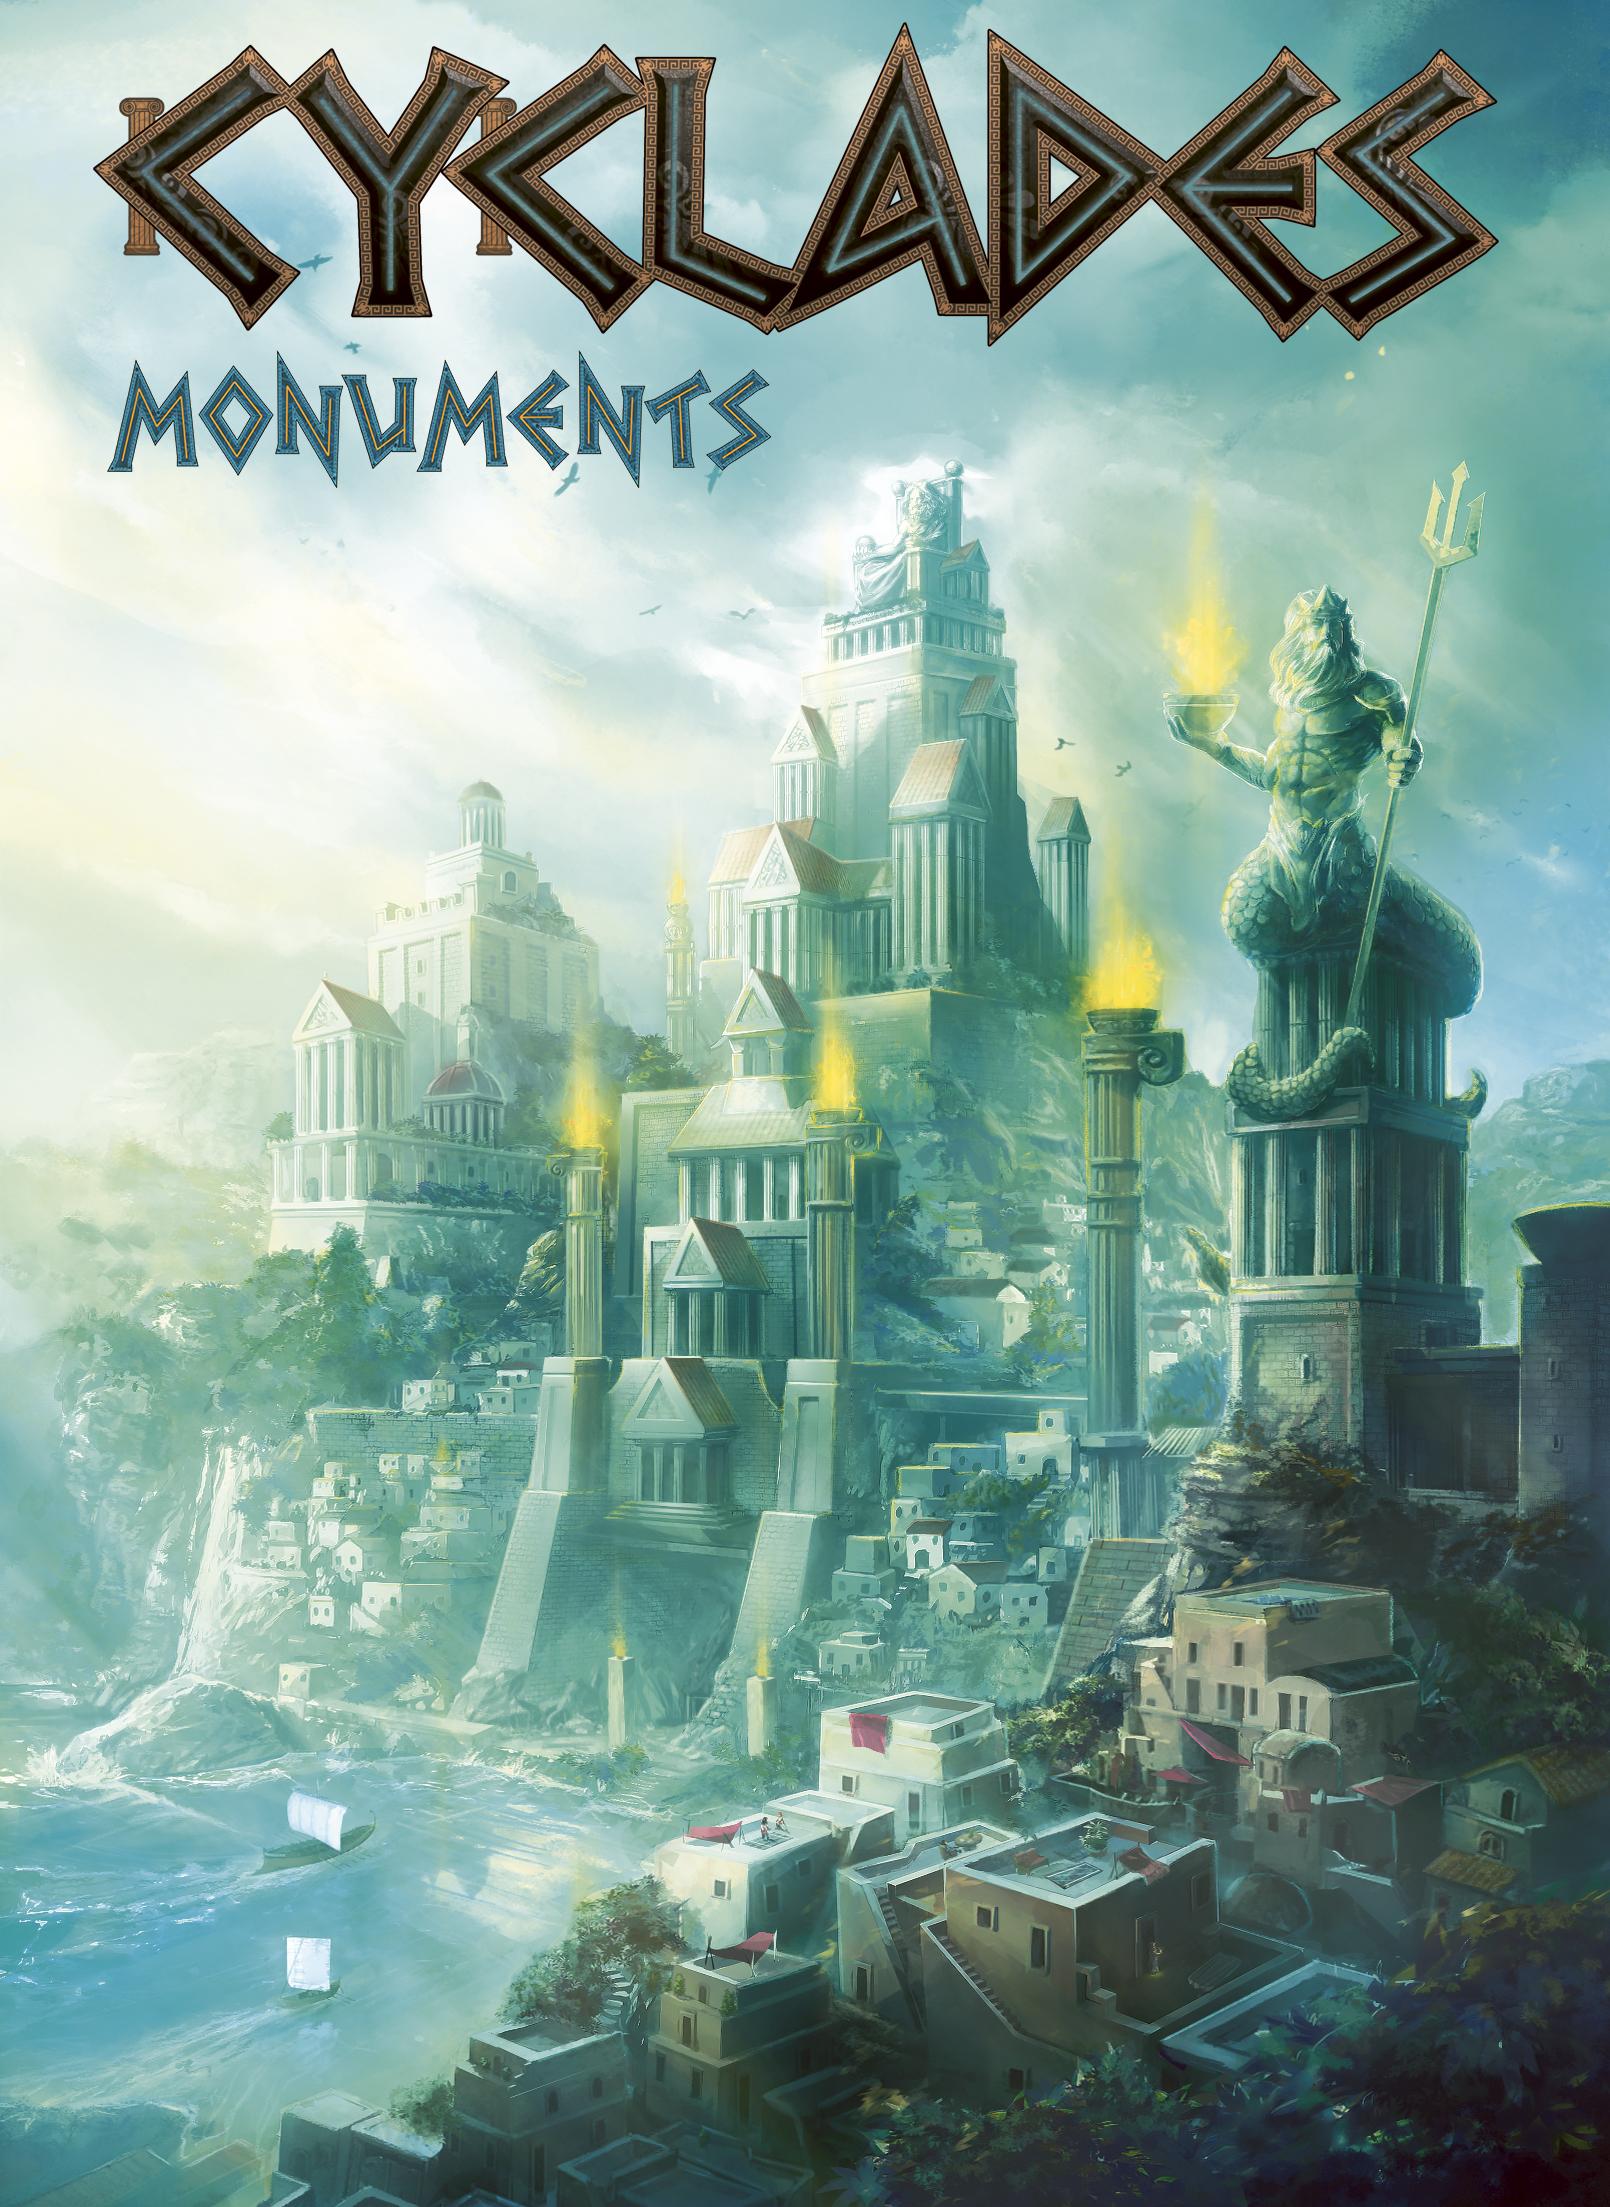 Cyclades_Monument_Couverture_finaletitre